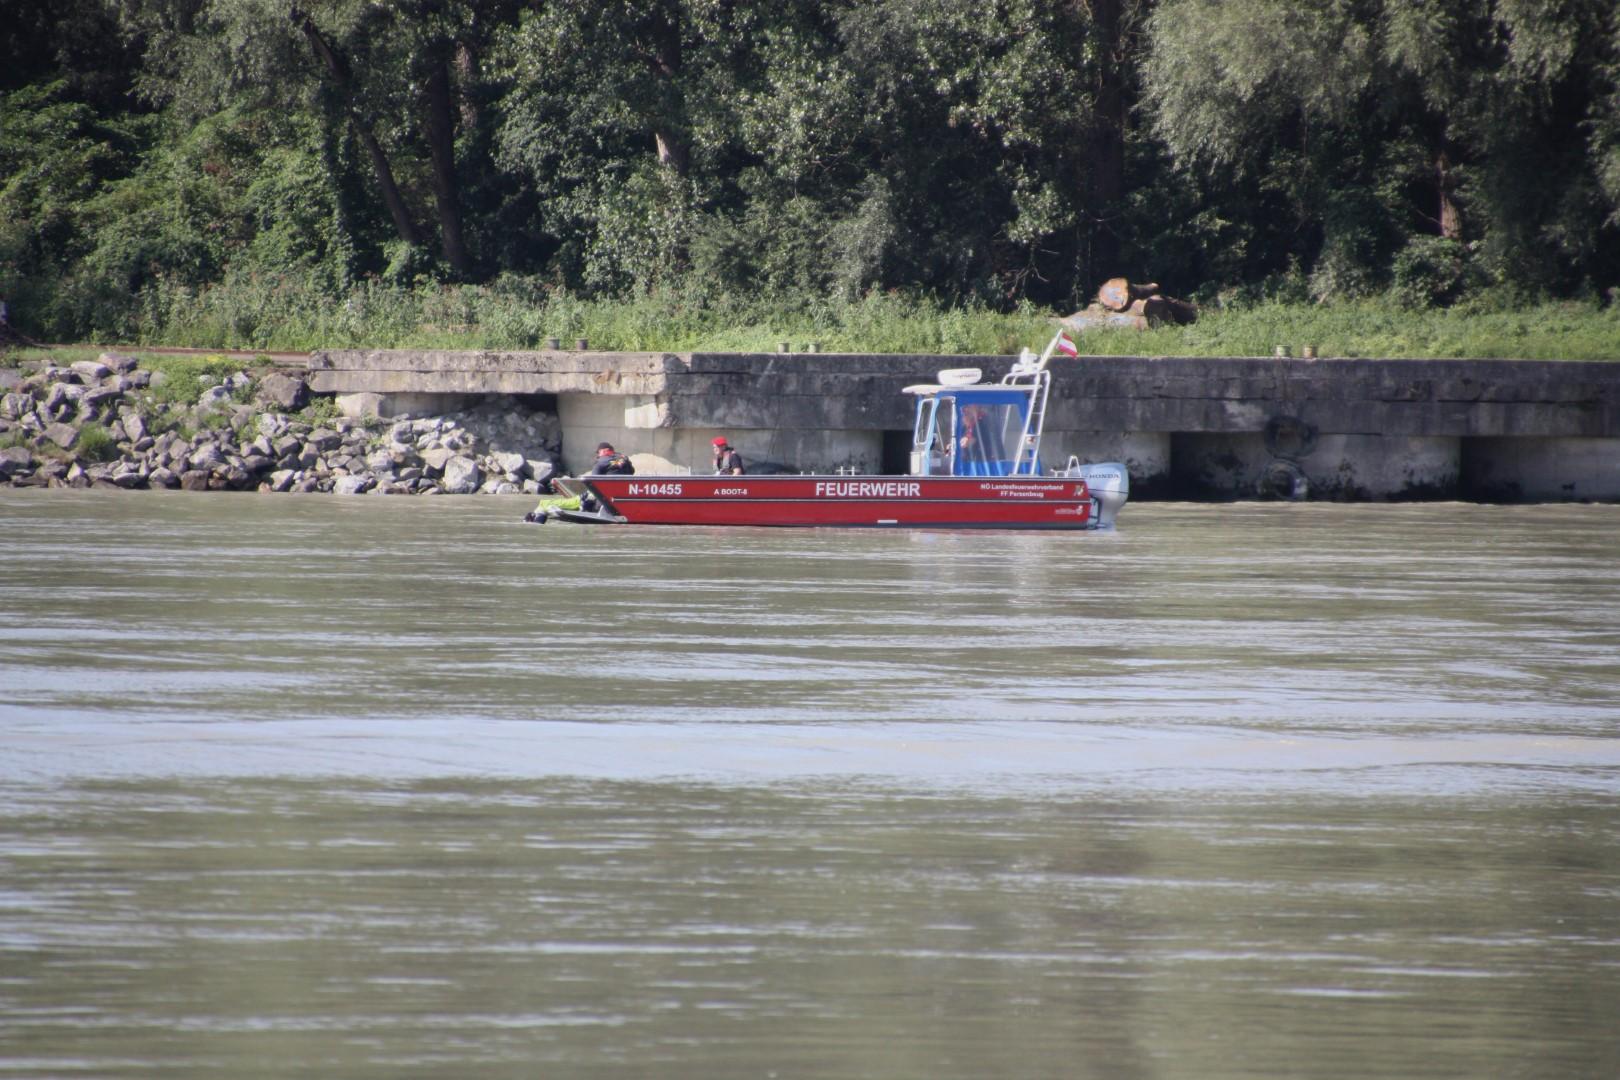 Ausbildungsprüfung-Feuerwehrboote-in-Bronze-16-Groß